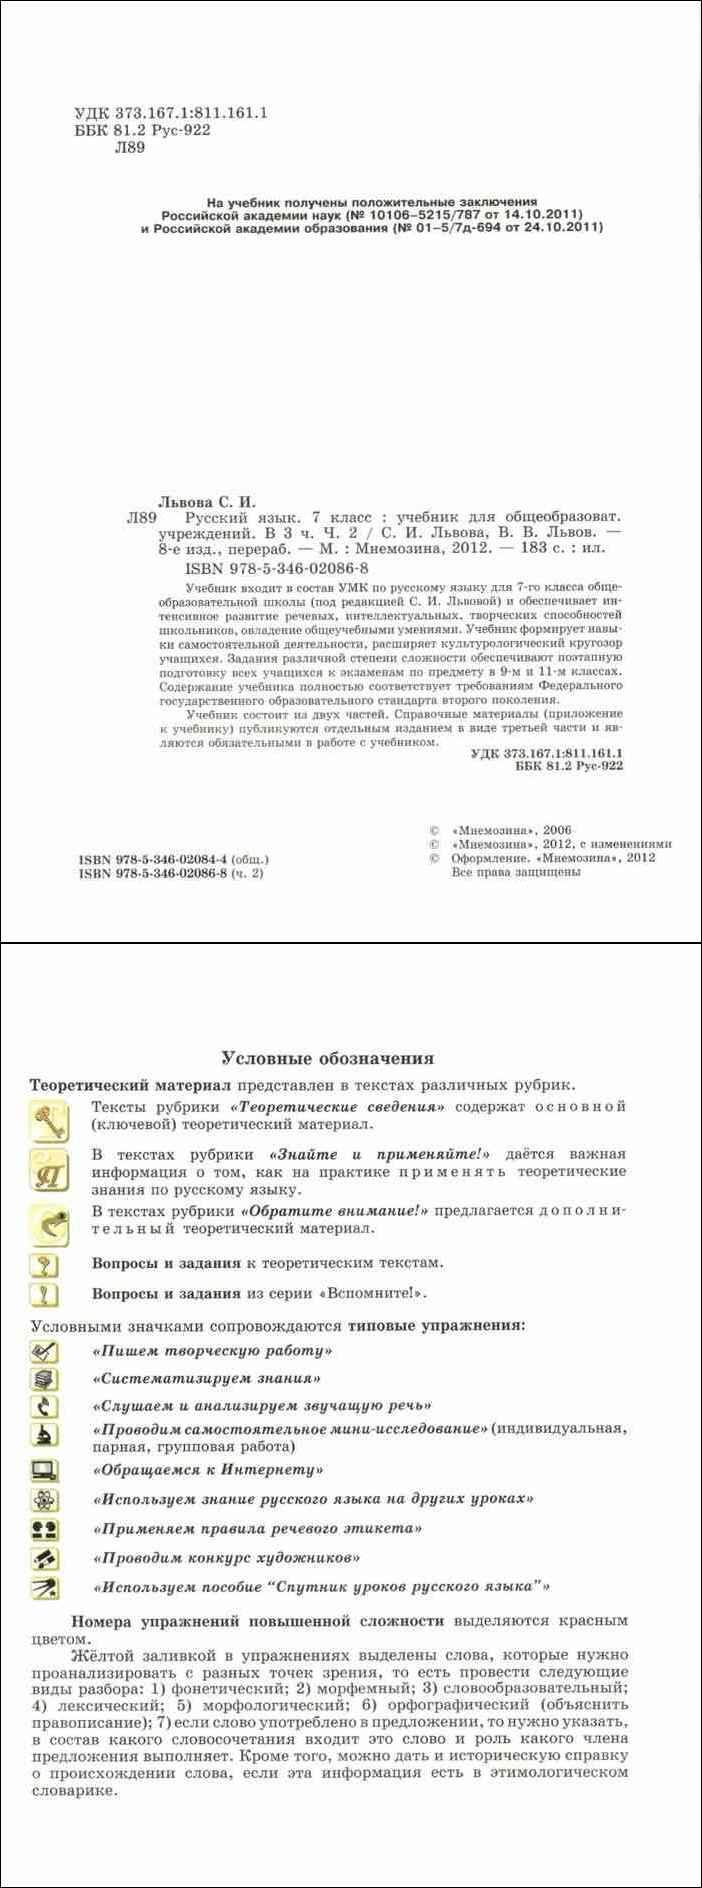 спутник уроков русского языка 6 класс львова львов